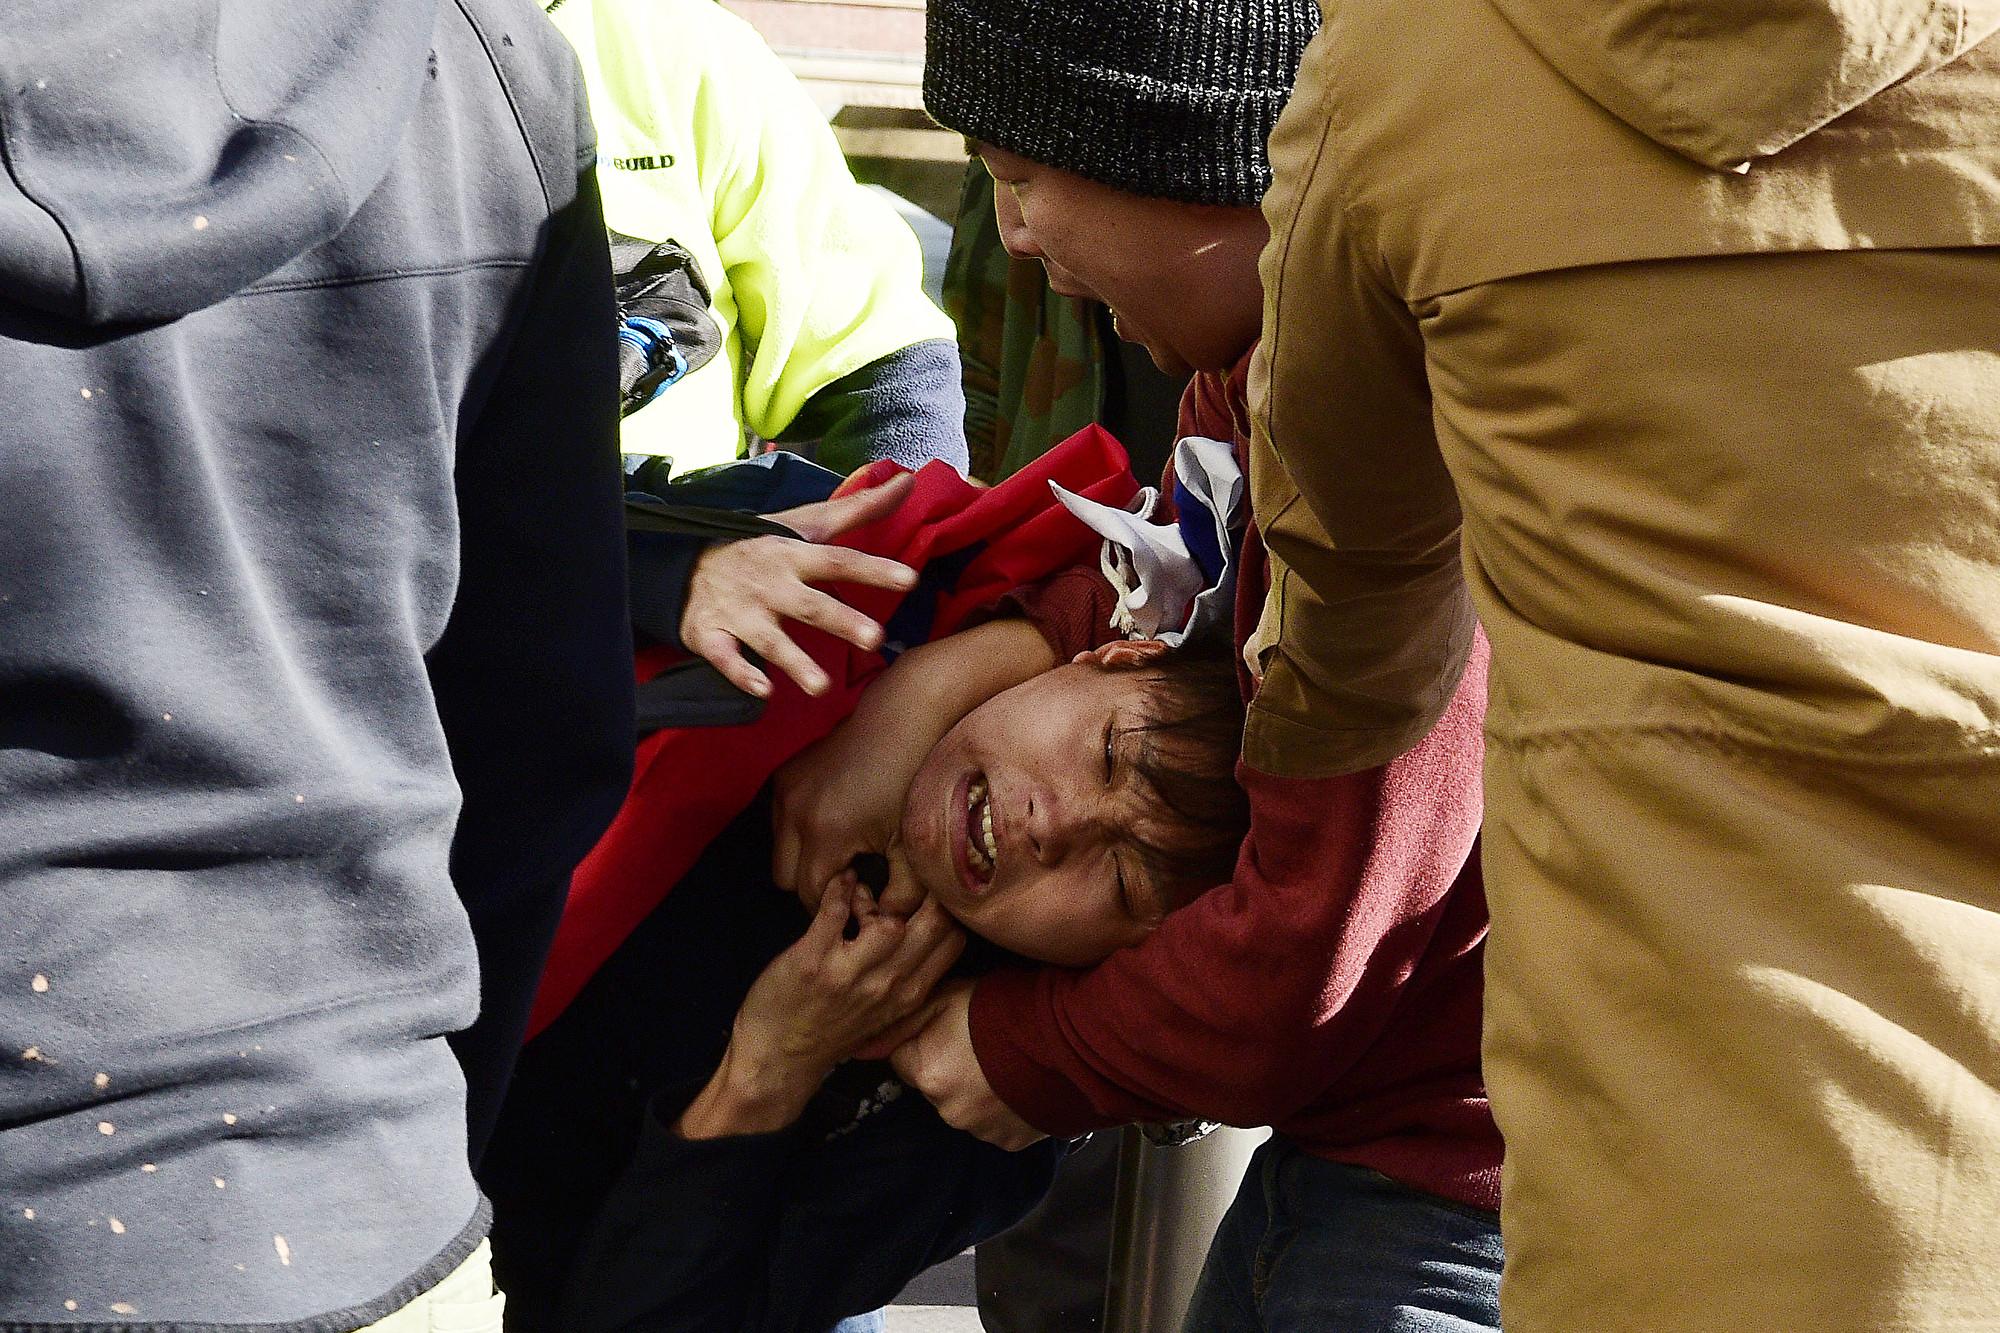 2019年8月17日,在親中集會上遭遇暴力襲擊的台灣人蔡佳宏。(AAP)